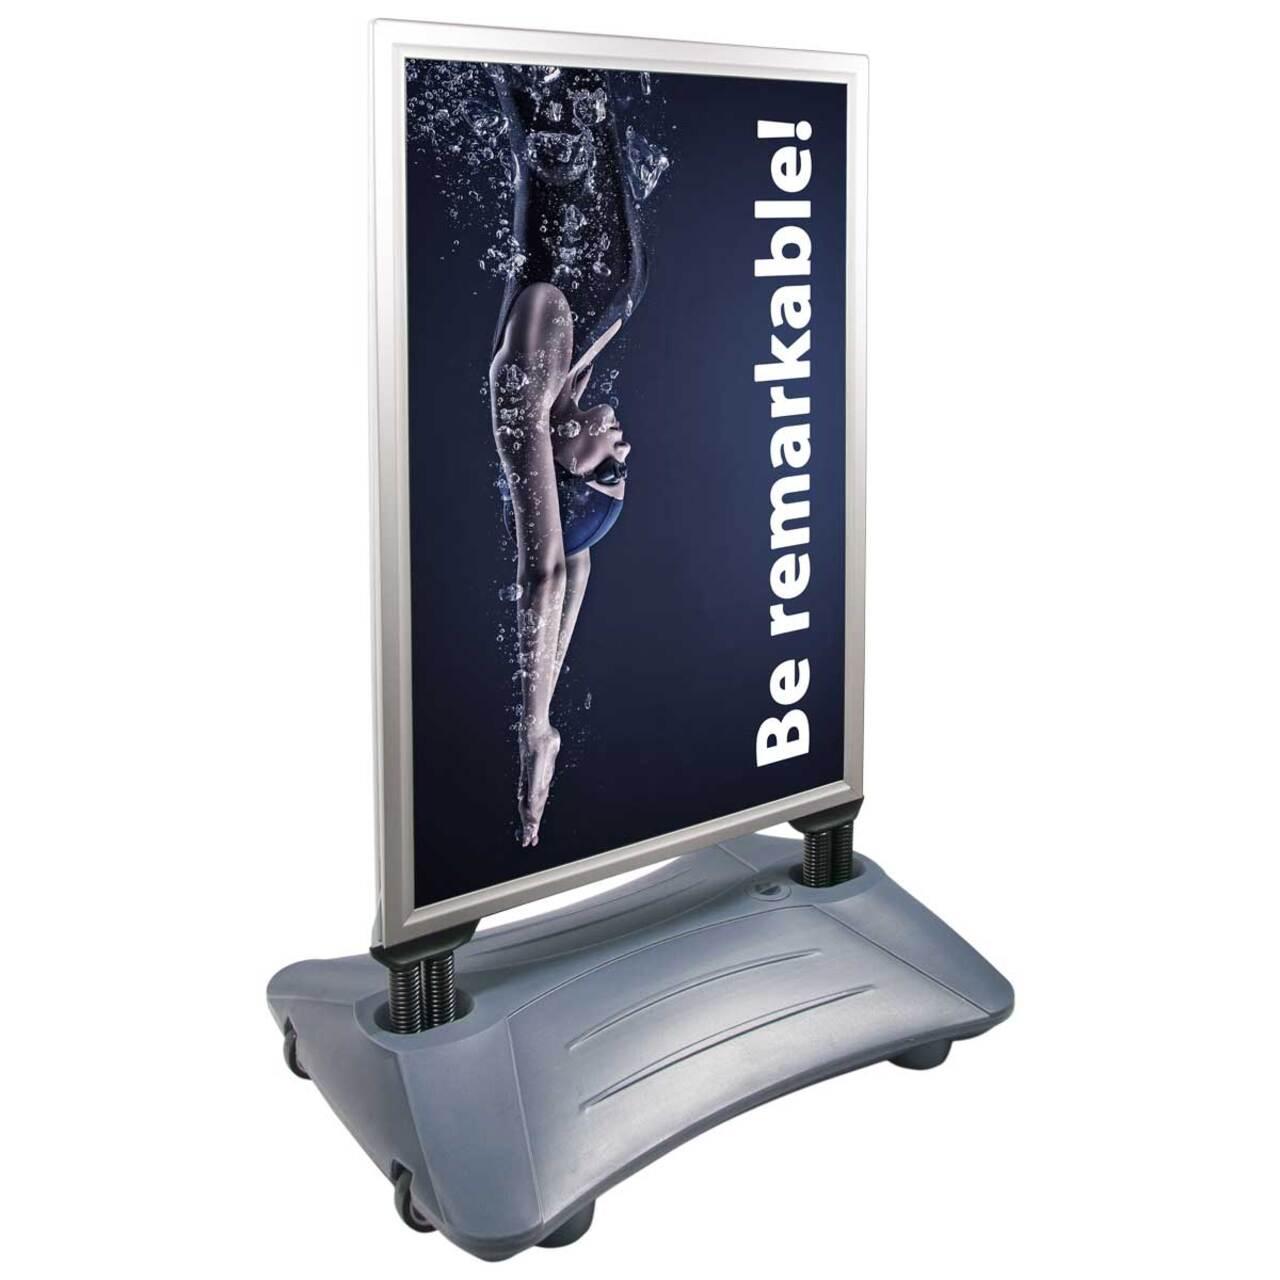 People Stopper Wind-On PREMIUM, panou mobil rezistent la vânt cu rezervor pentru apă sau nisip S5, JJ DISPLAYS, 500 x 700 mm